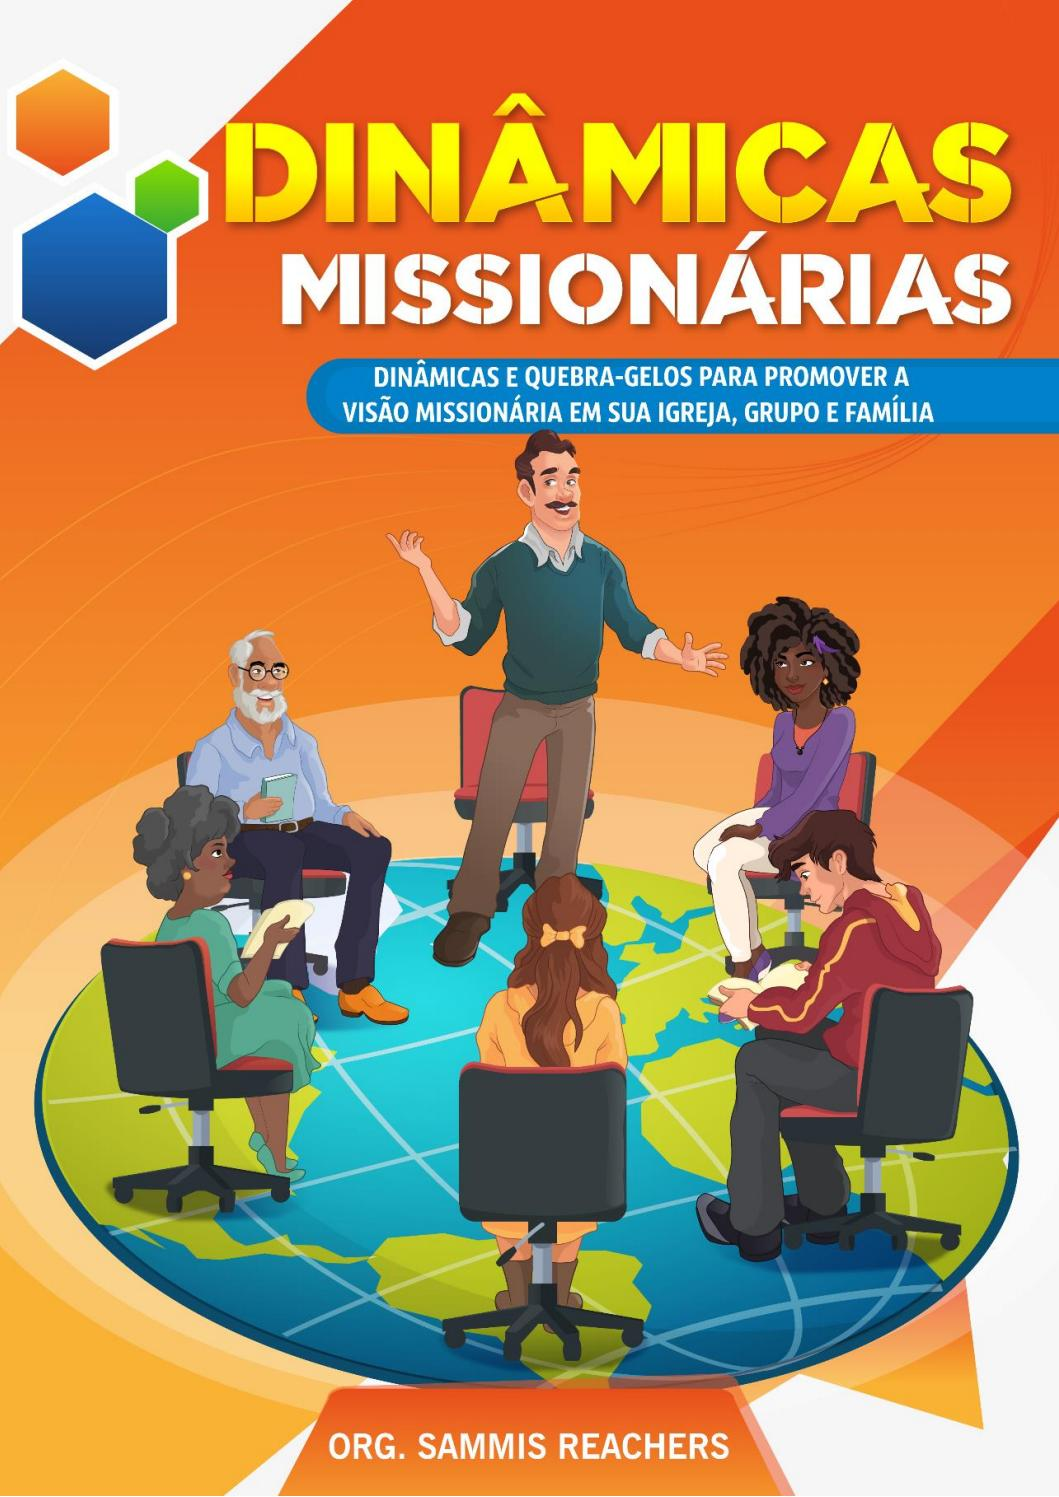 Dinâmicas Missionárias Dinâmicas E Quebra Gelos Para